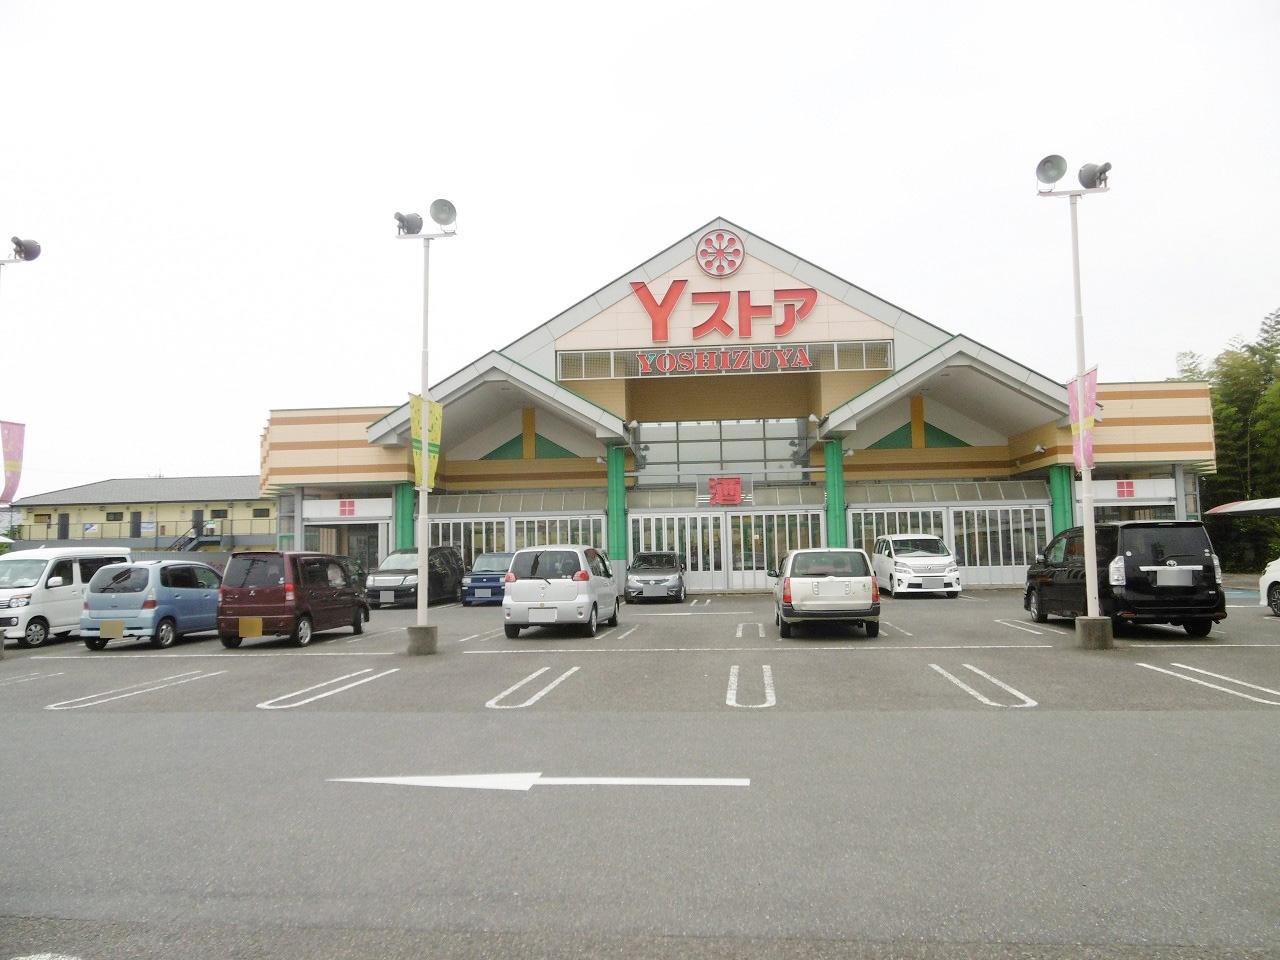 Yストア唐臼店